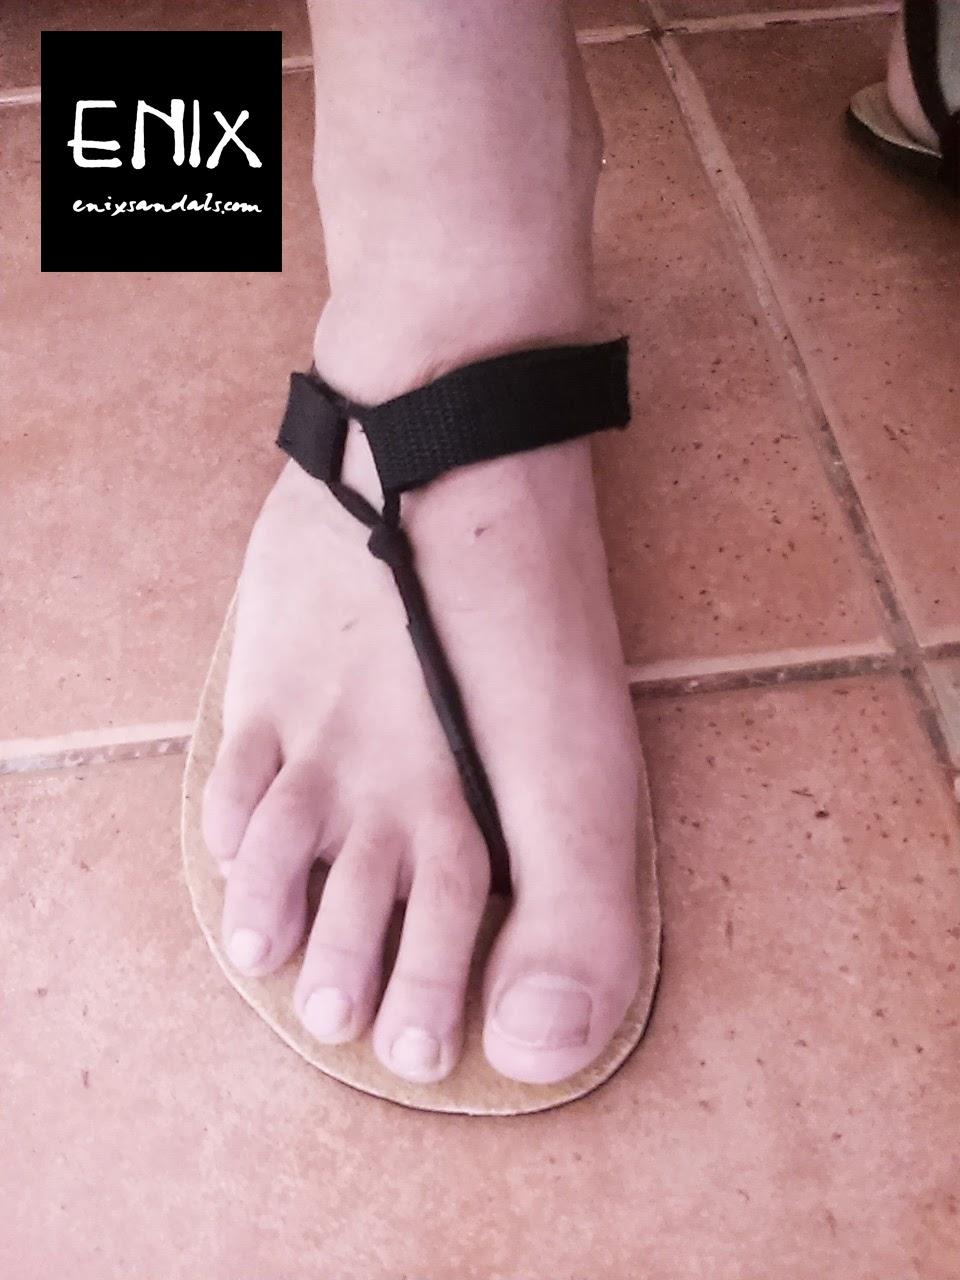 como atar las sandalias enix paso 4